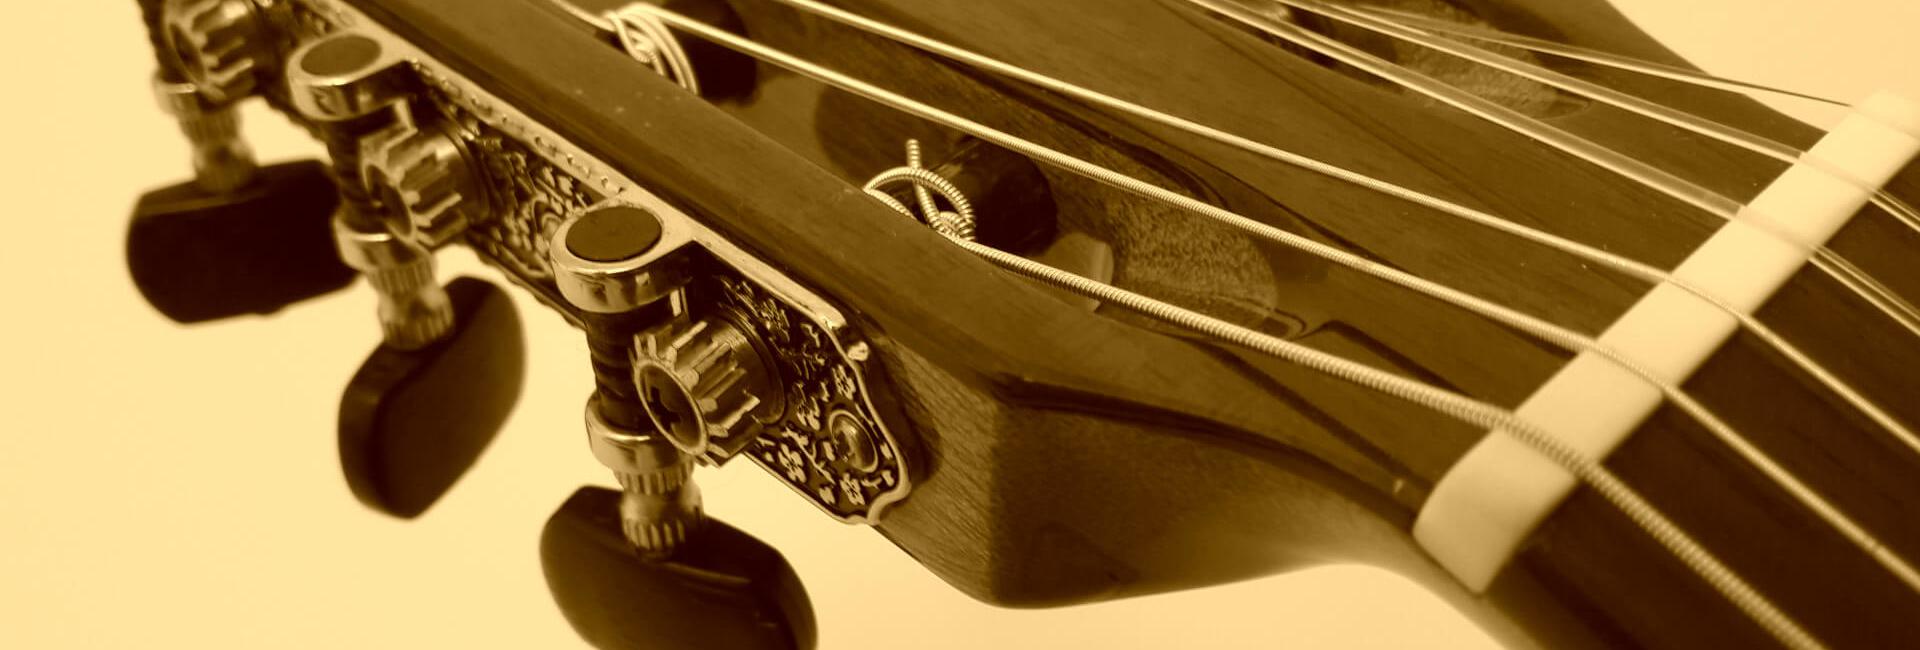 kop van klassieke gitaar